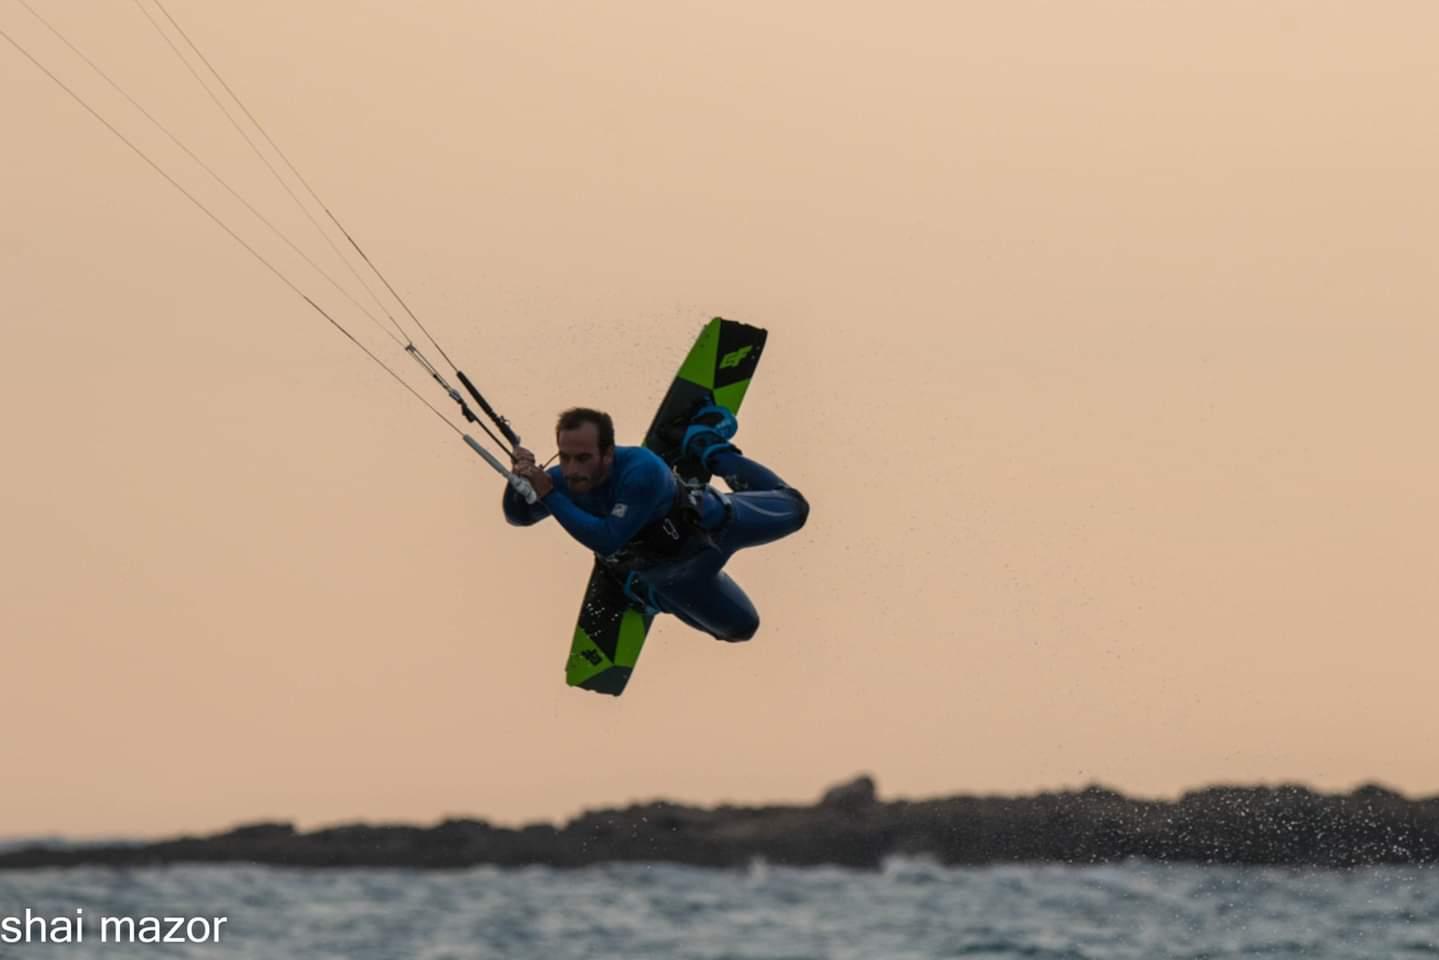 ארז חסידוב - גולשי הקייטסרפינג בחוף המבצר בעתלית במשב הרוח הצפונית 13/11/2018 (צילום: שי מזור)